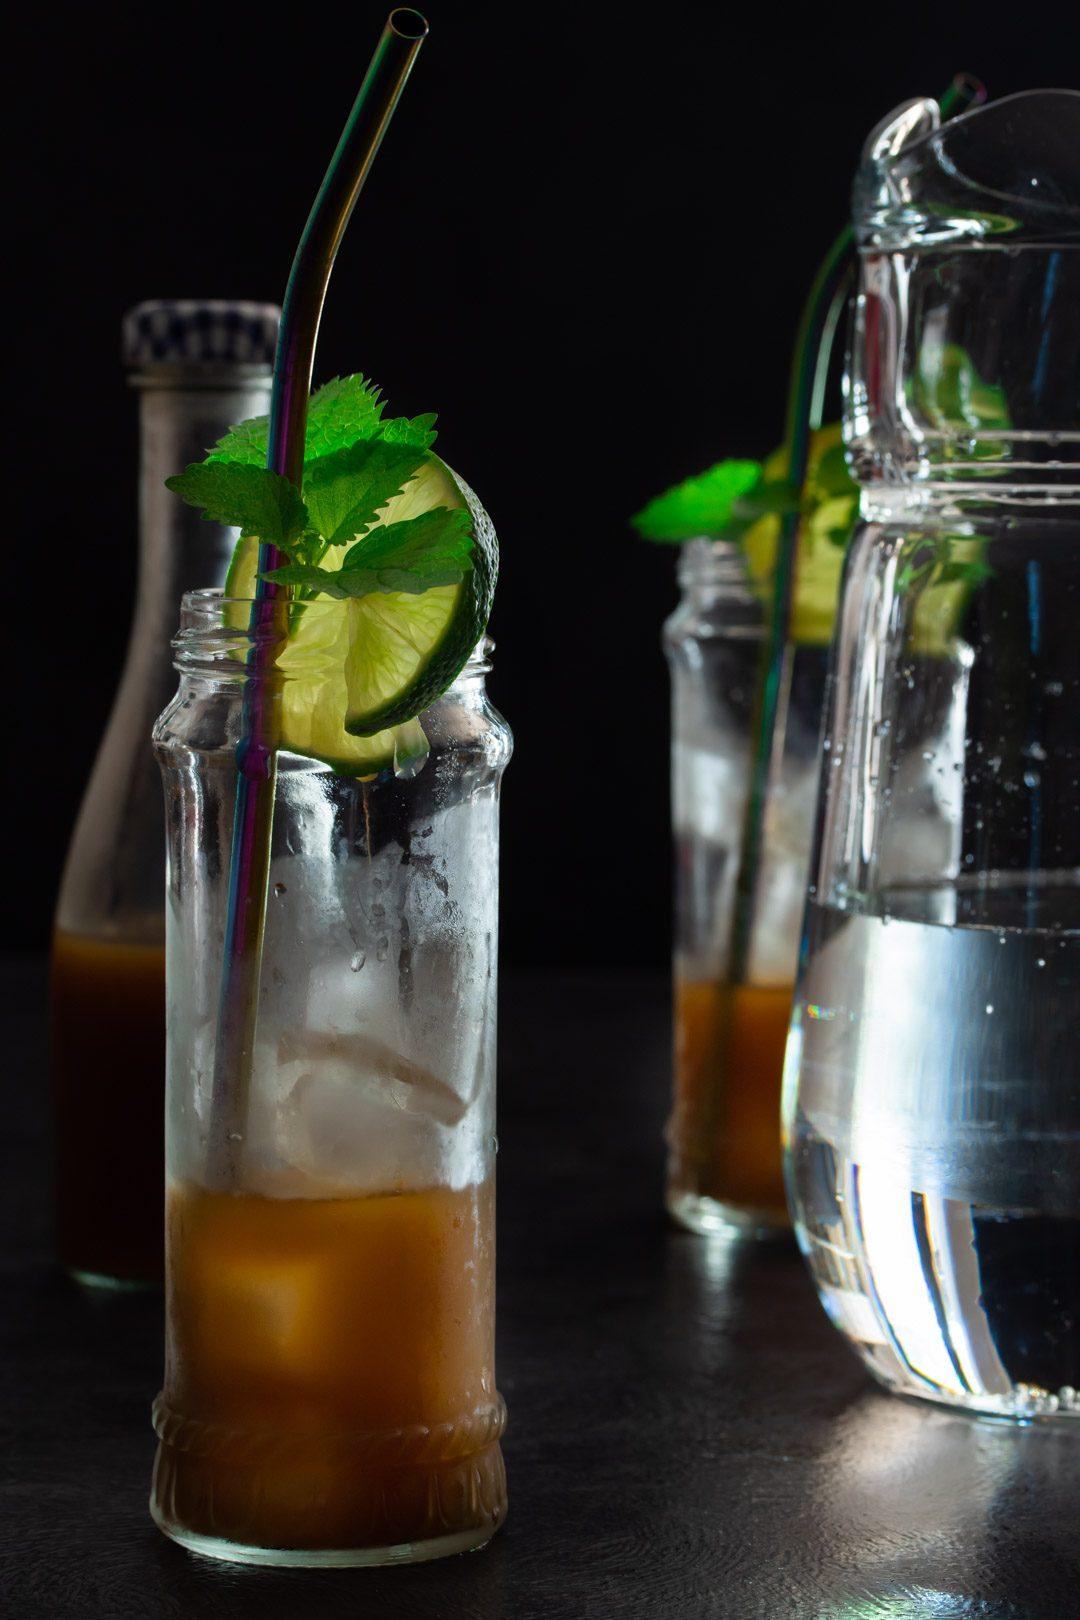 Ginger lime shrub syrup drinking vinegar